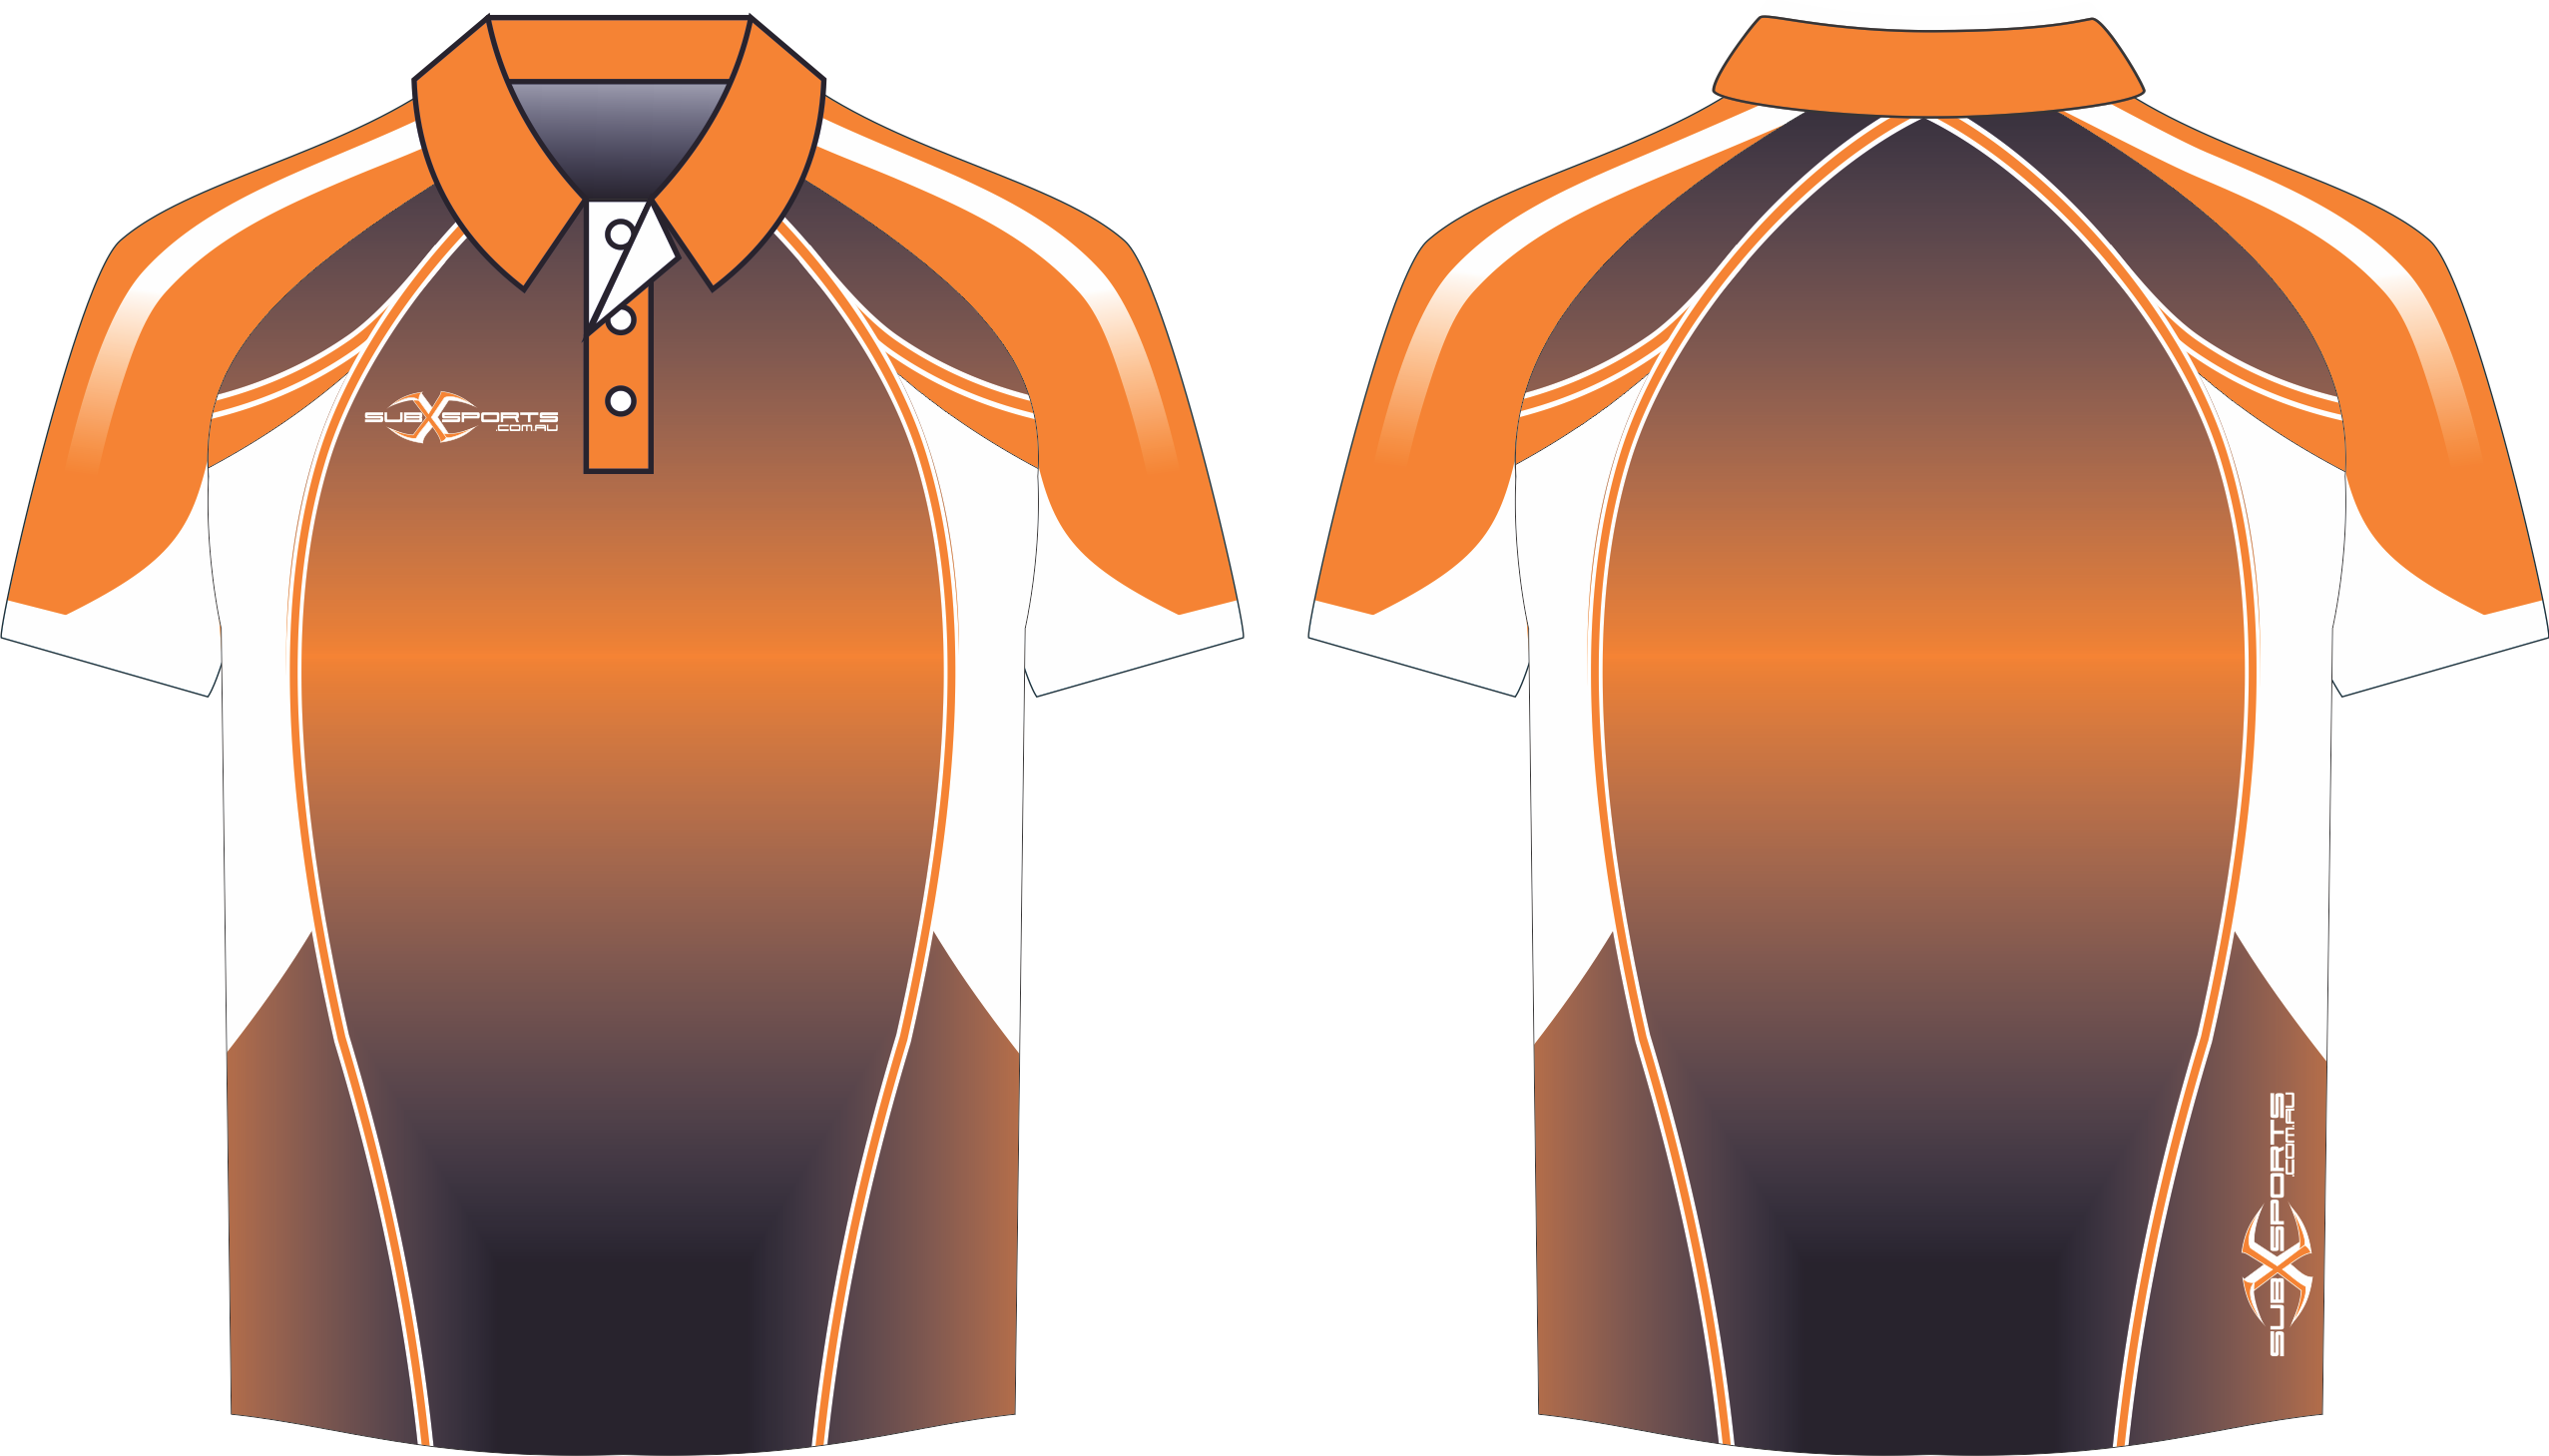 X303XP Polo Orange Black White.png